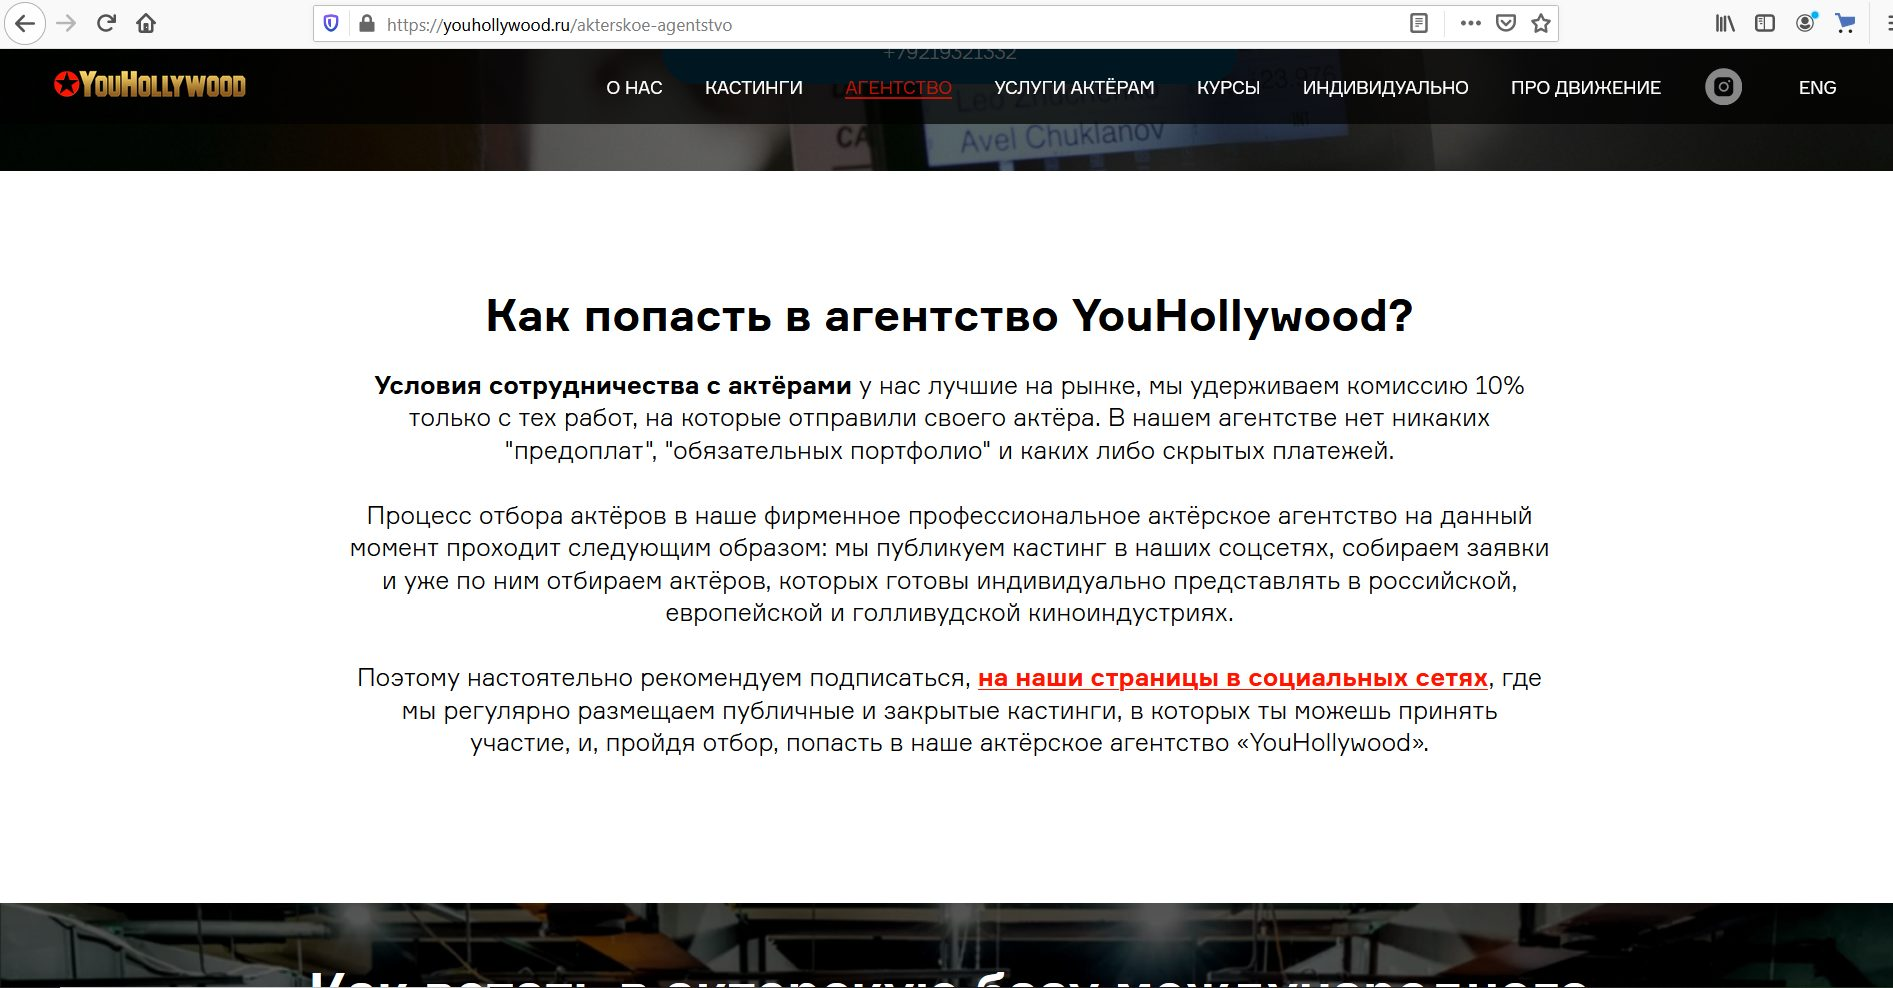 Условия сотрудничества с YouHollywood